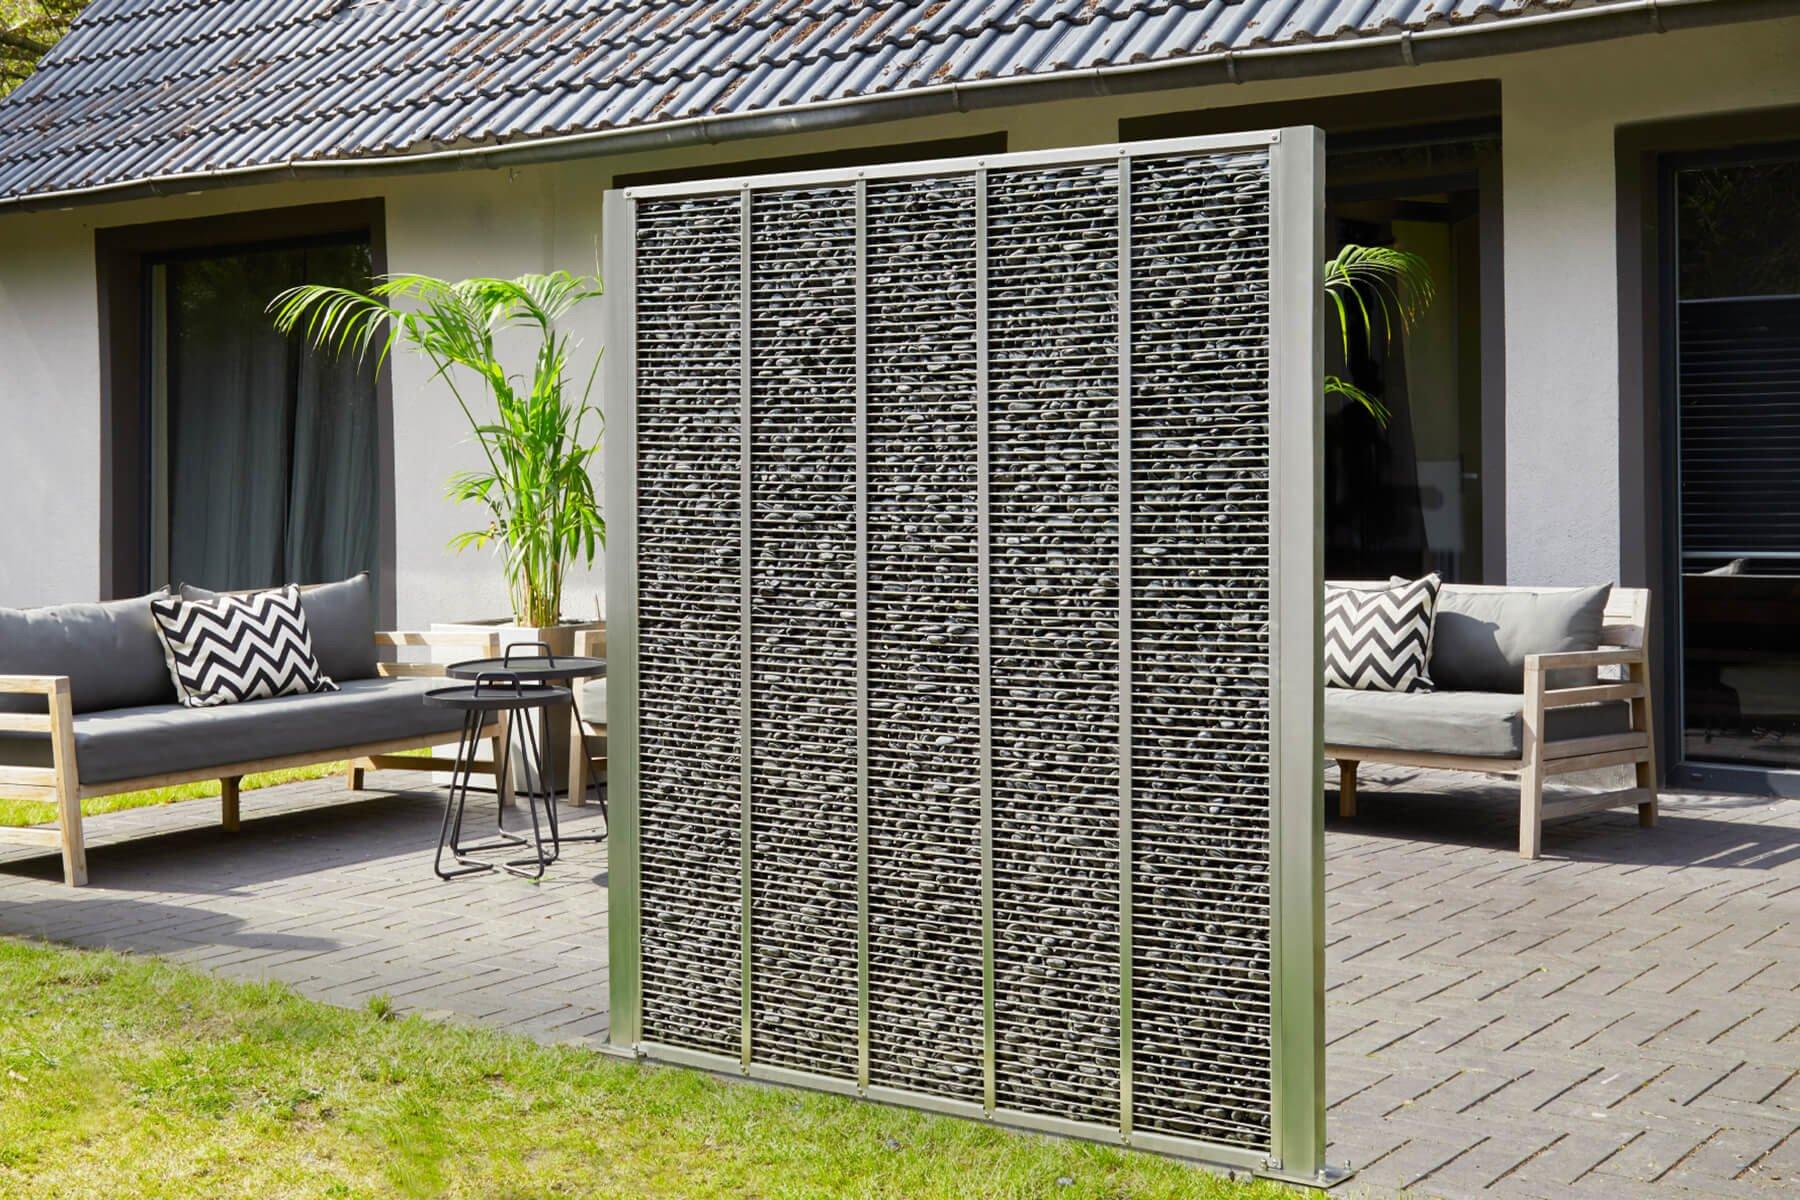 Gabione Genta als dekoratives Einzelelement ist ein moderner Hingucker für jeden Garten und Terrasse und sorgt euer Wind-, Sicht- und Lärmschutz